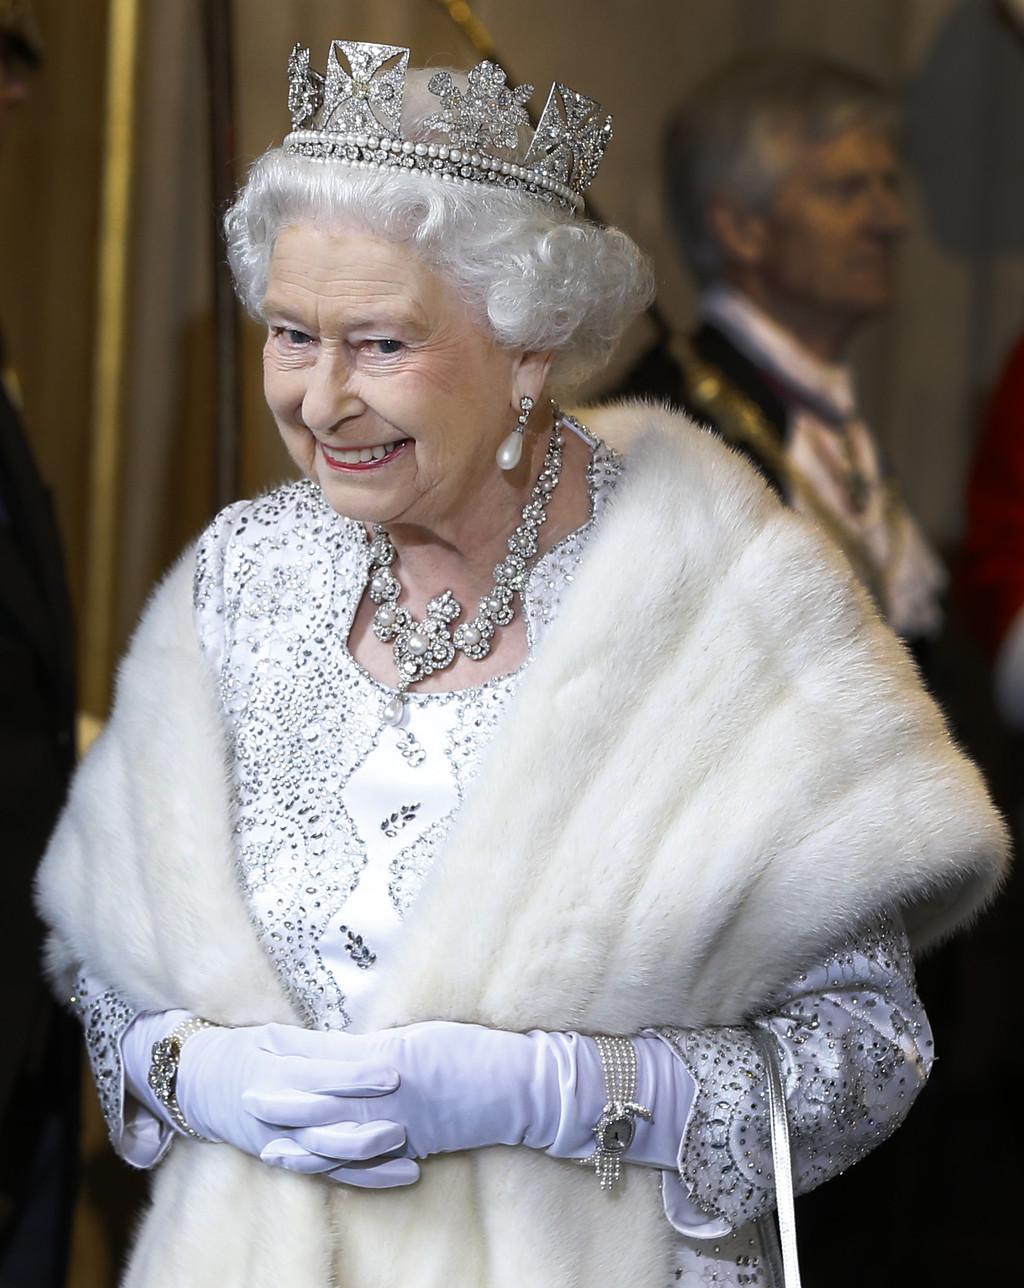 Abuela E Hija Lesbian Porno Metiendo Dedos la reina isabel ii manda un mensaje contra la crueldad